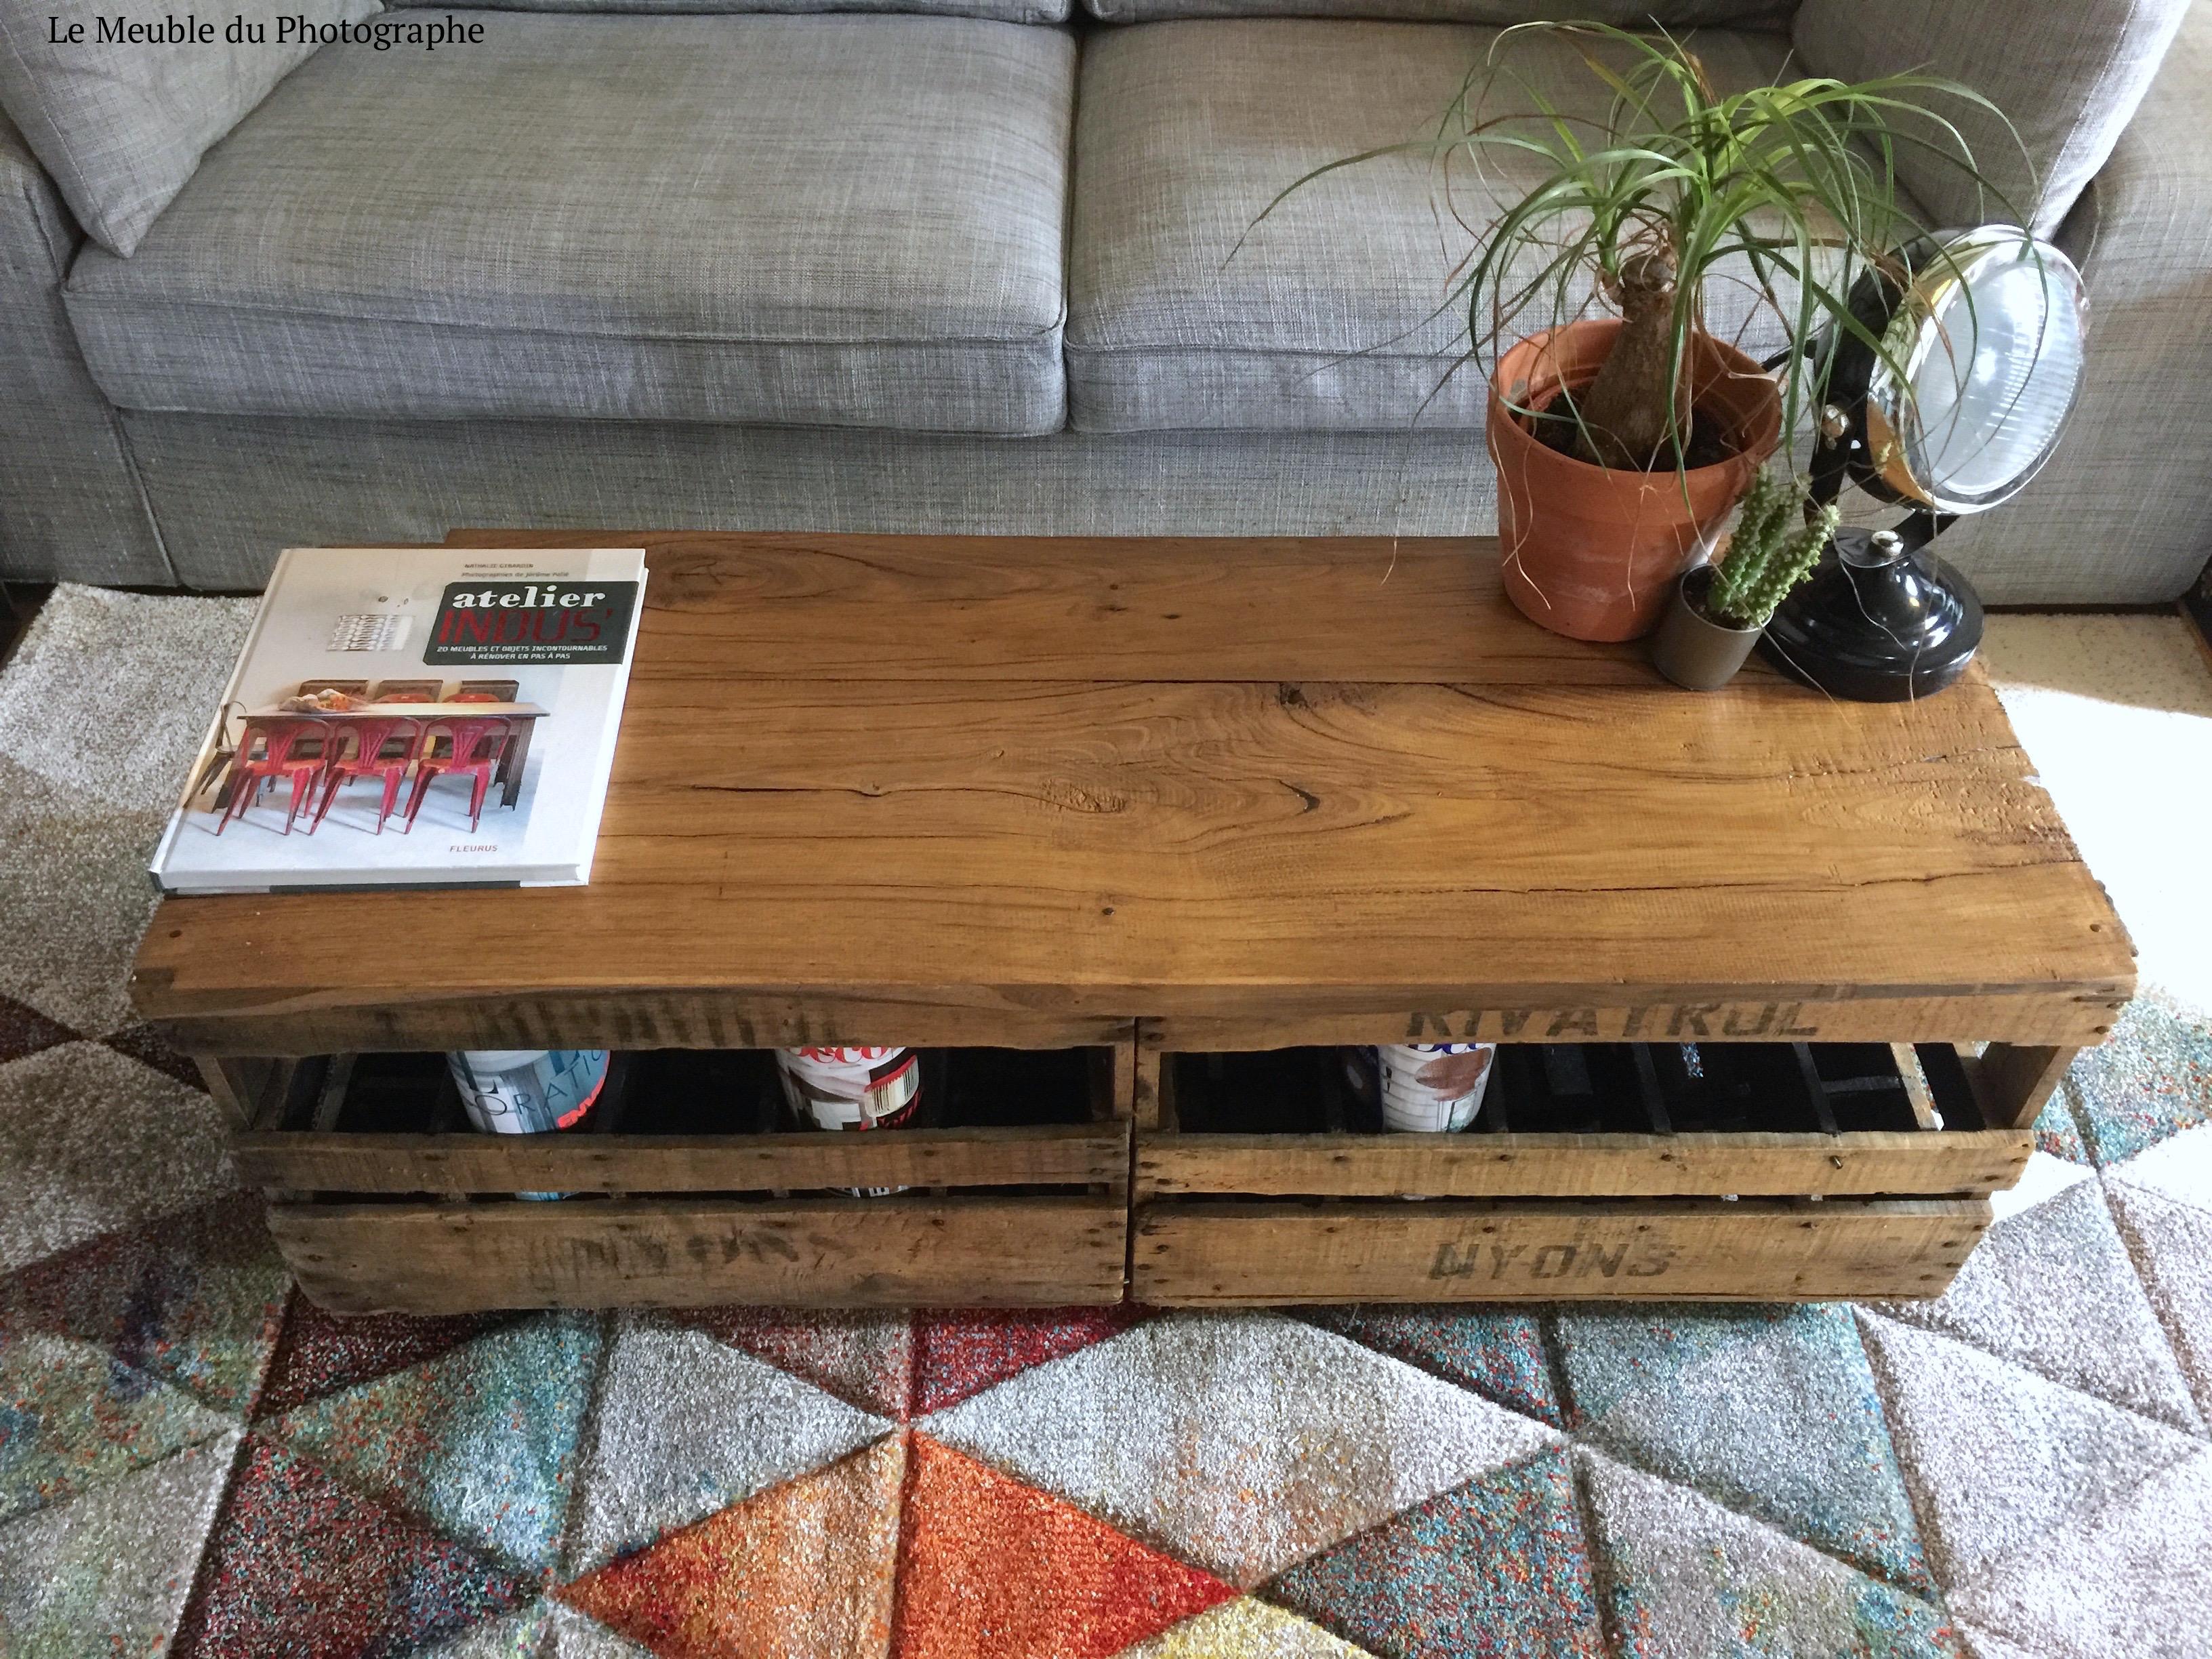 Table Basse Banc Caisses En Bois Le Meuble Du Photographe # Table Basse Recup